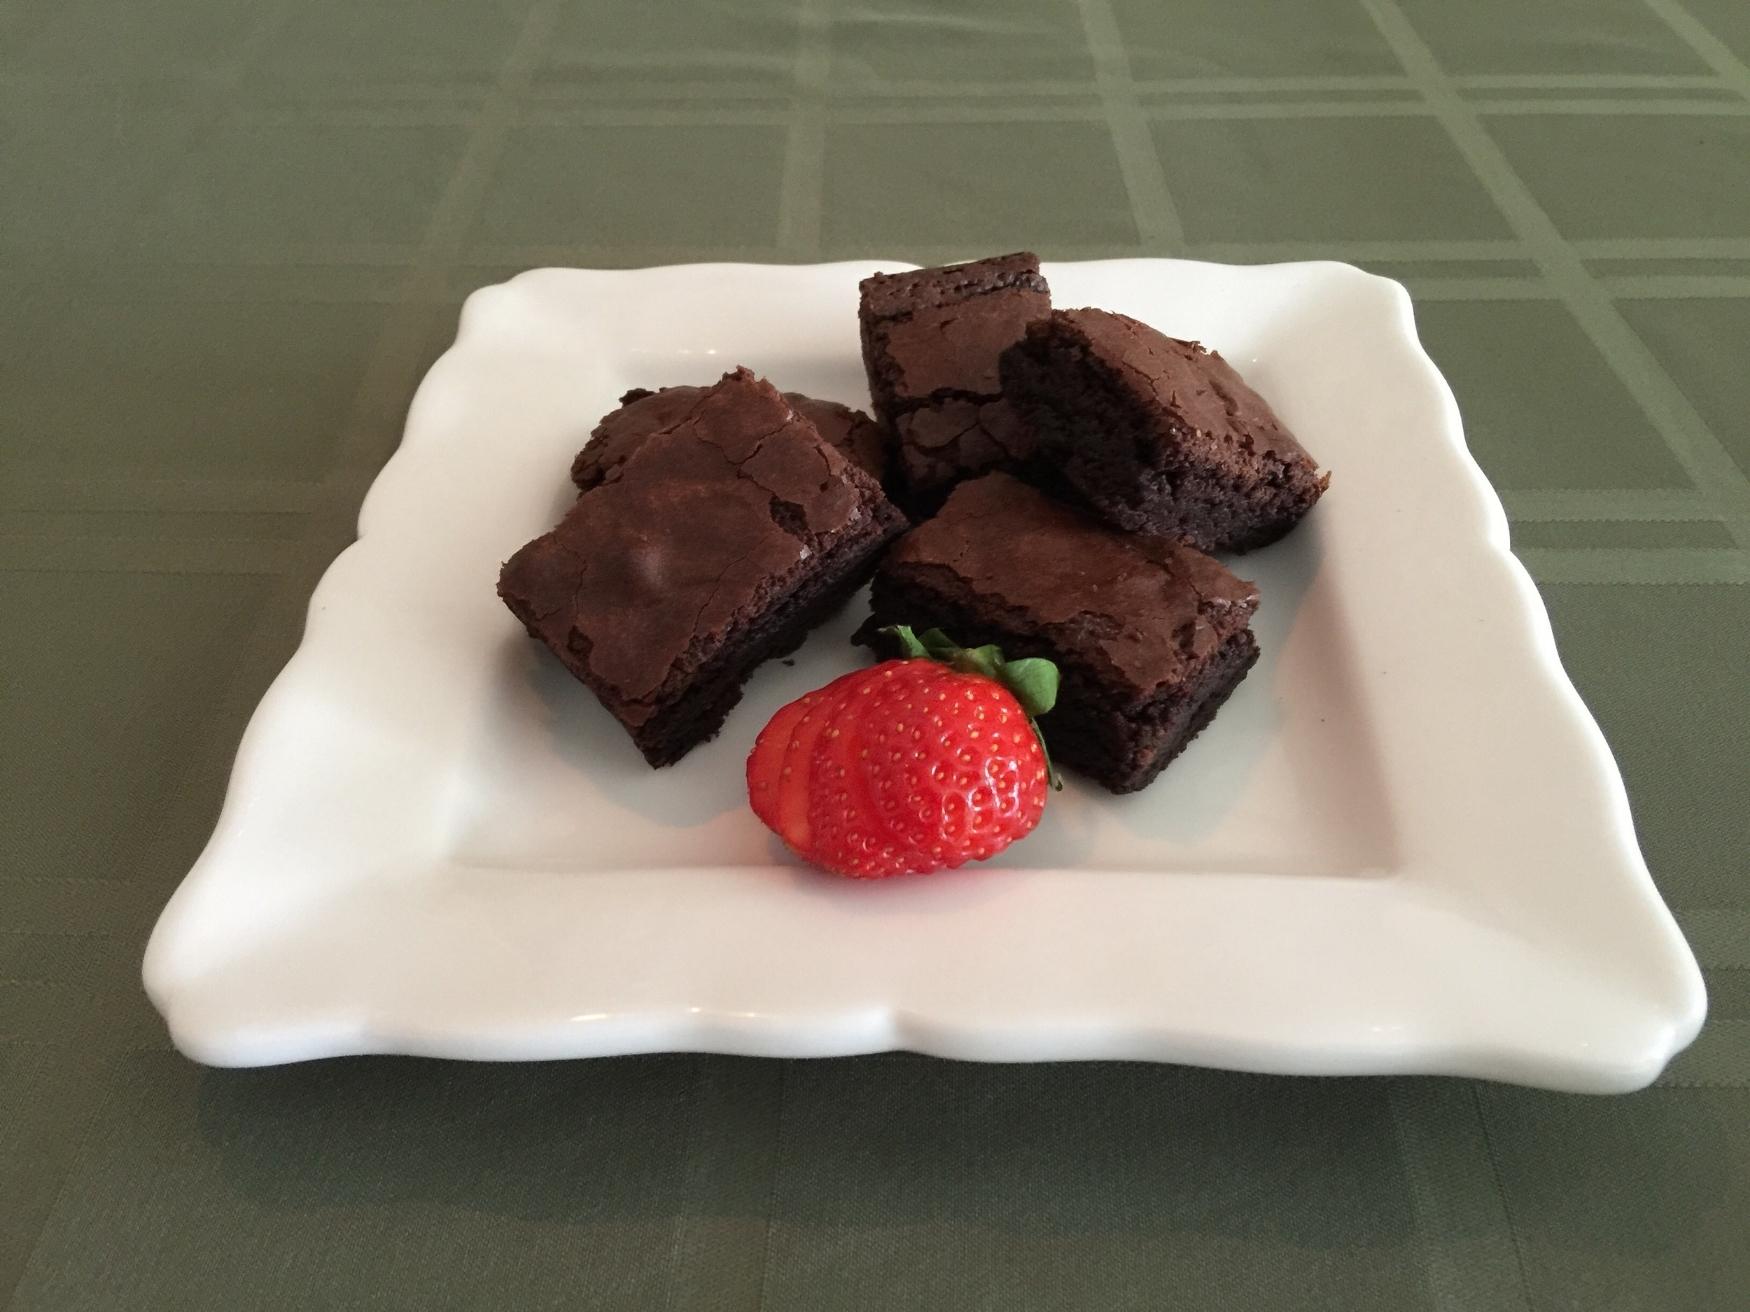 02-12-16 Brownie Plate.jpg